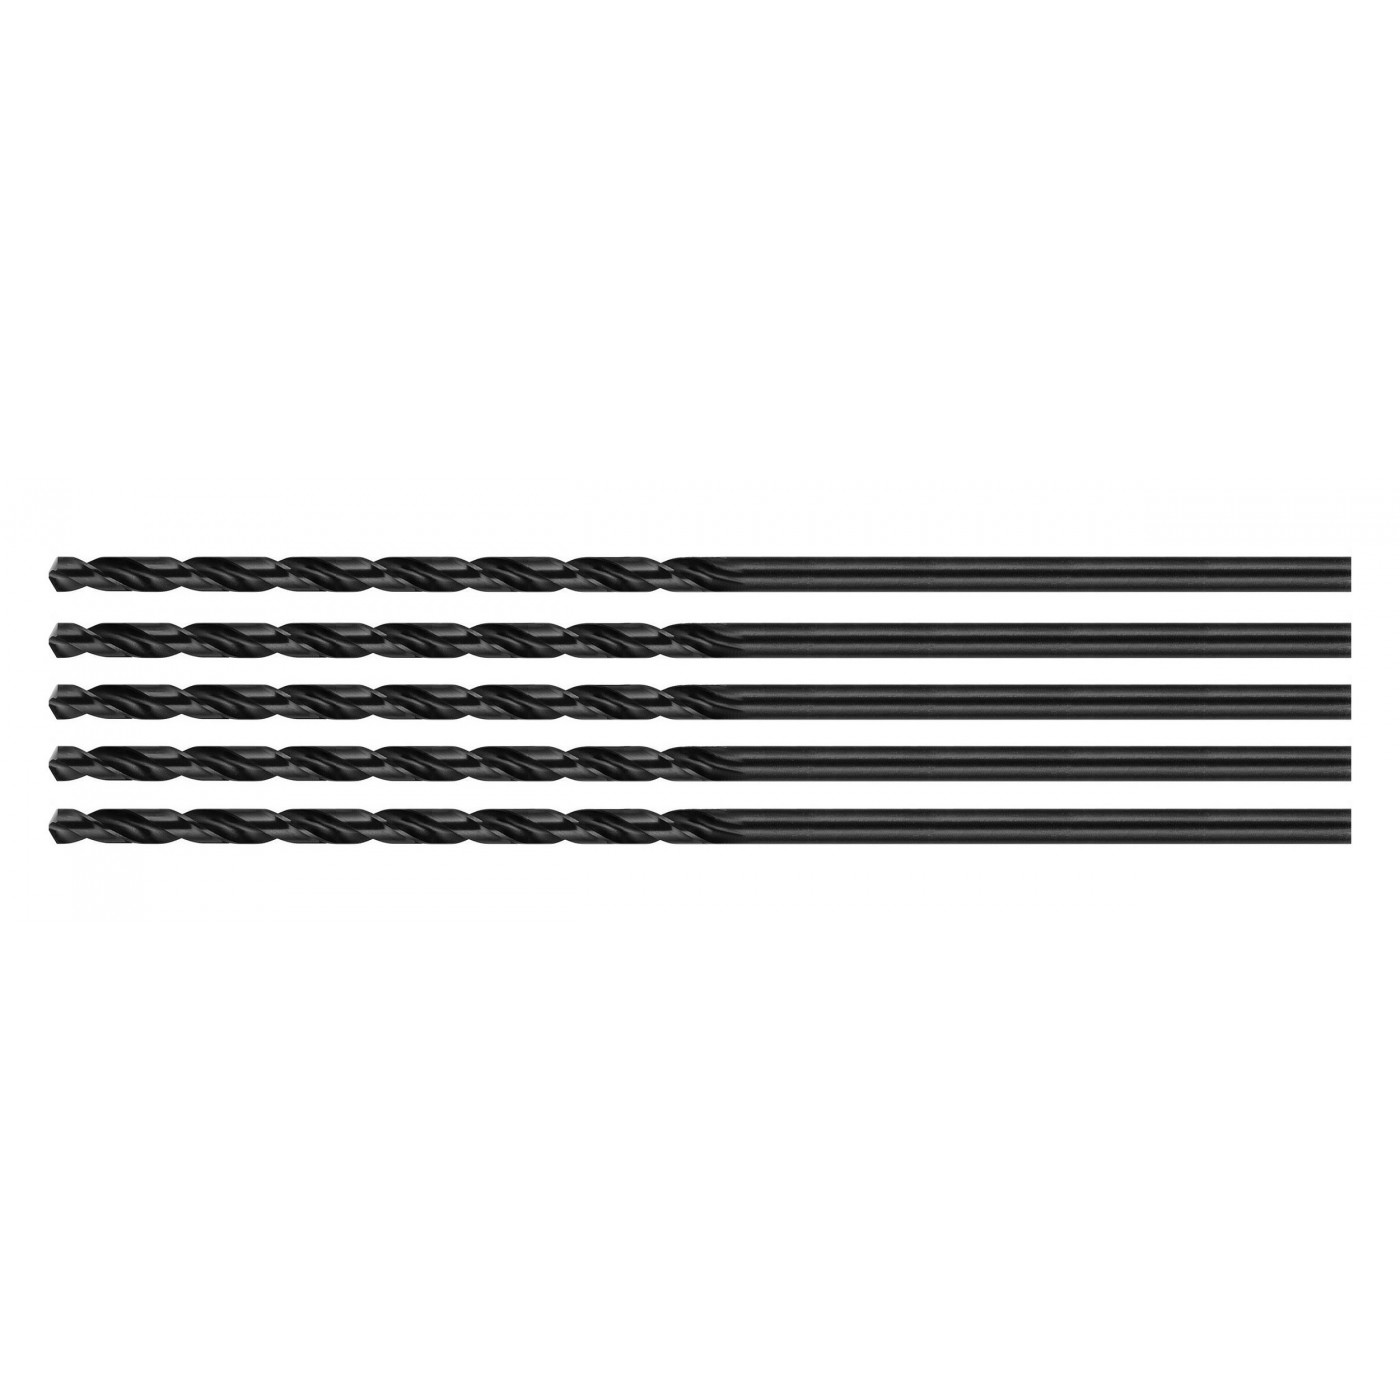 Set von 5 Metallbohrern (HSS, 4,5x250 mm)  - 1